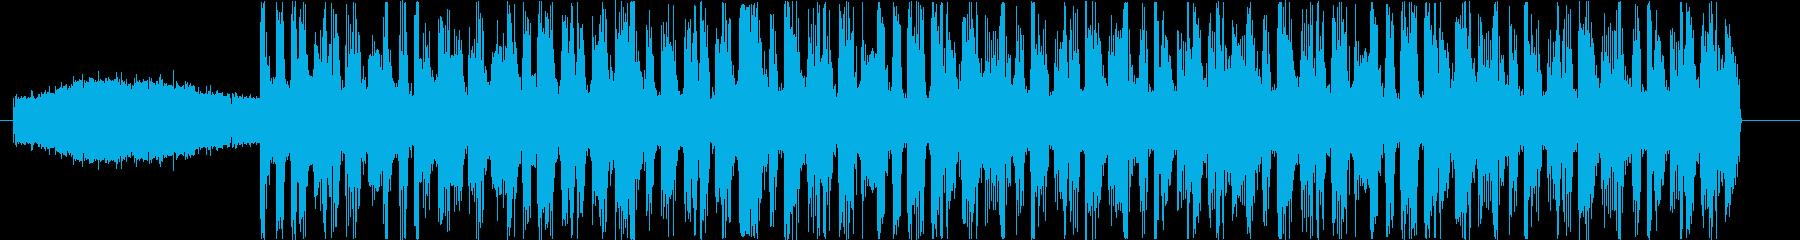 悪者が現れそうなデジタルロックの再生済みの波形